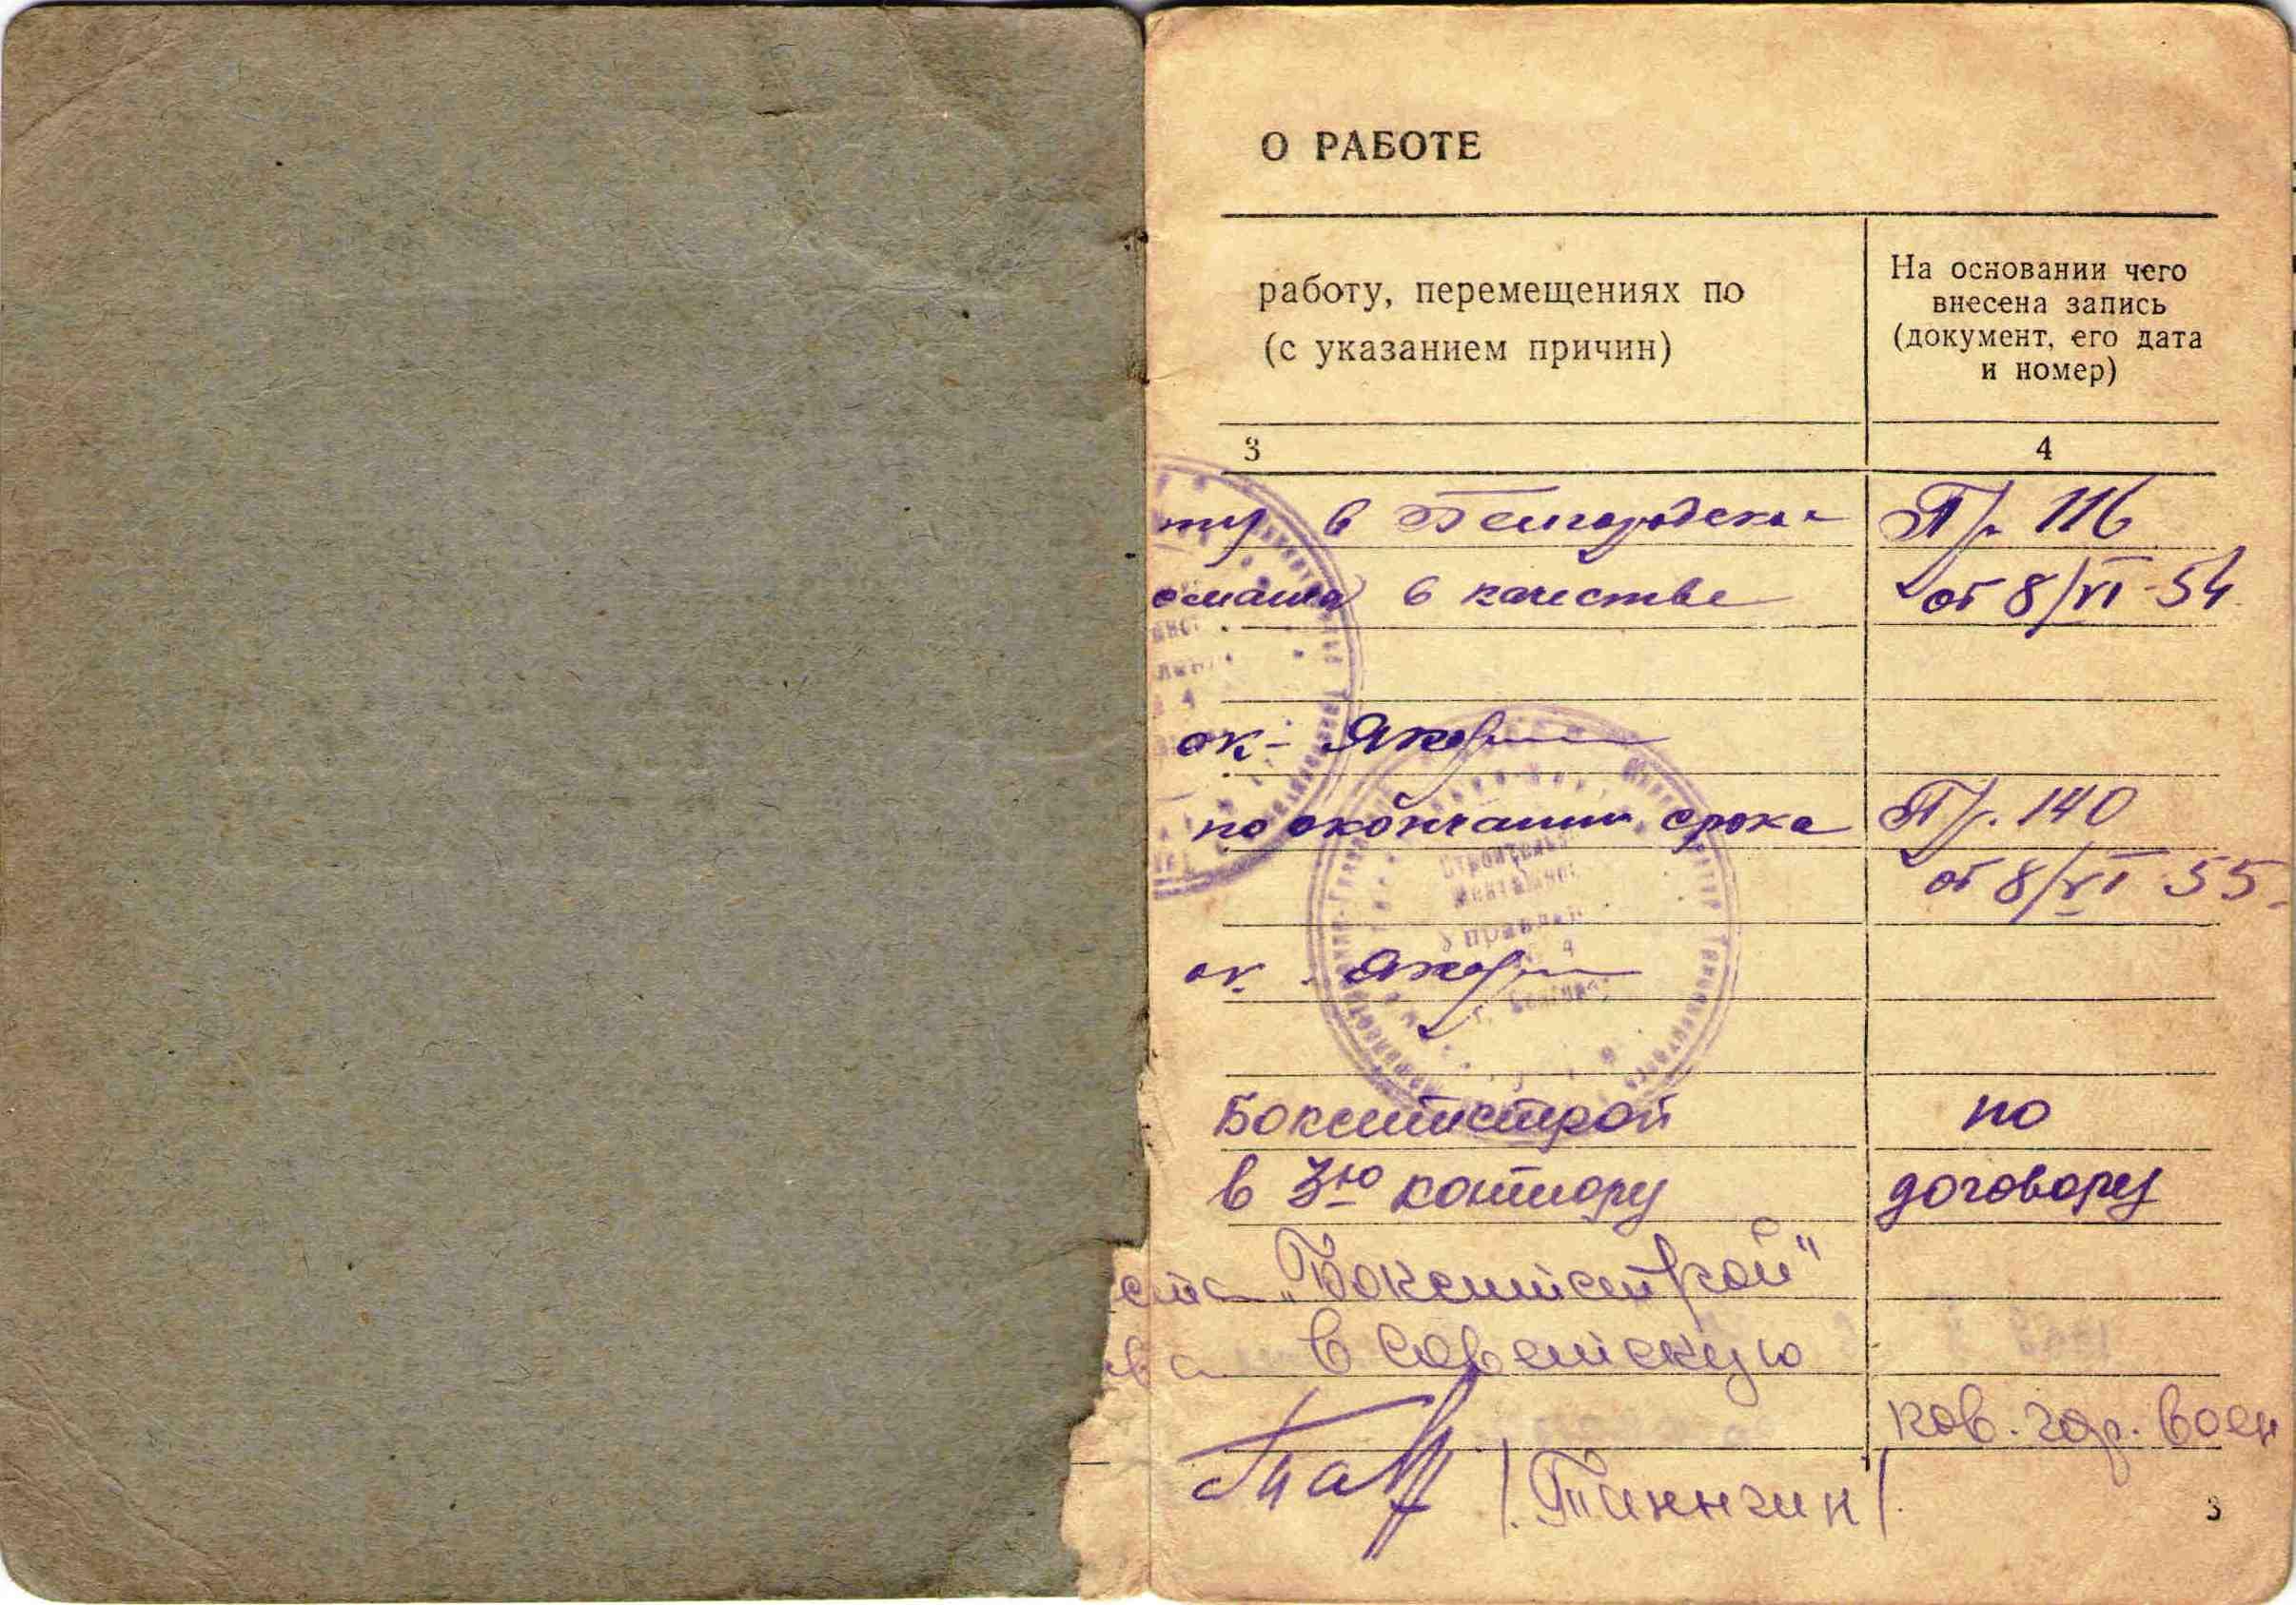 2. Трудовая книжка, 1954г.